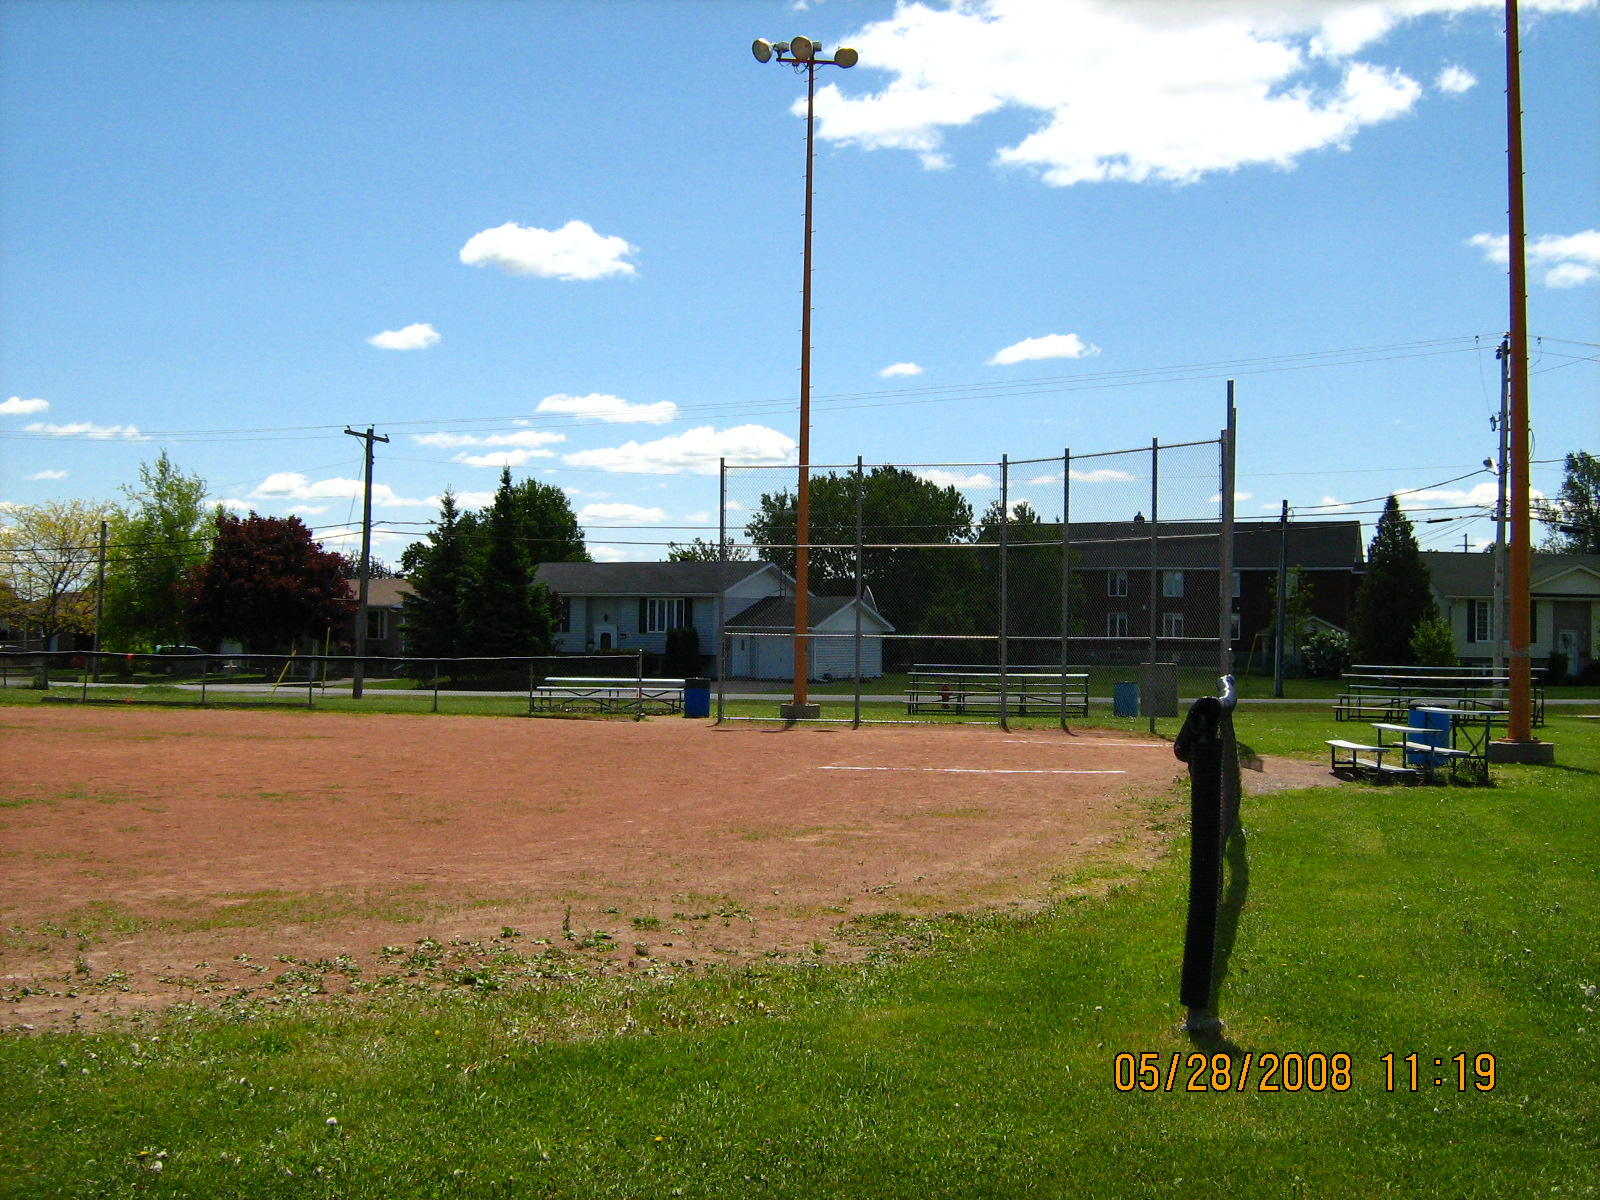 040600101546500 - beside Arnold Bethune Park - baseball diamond.jpg